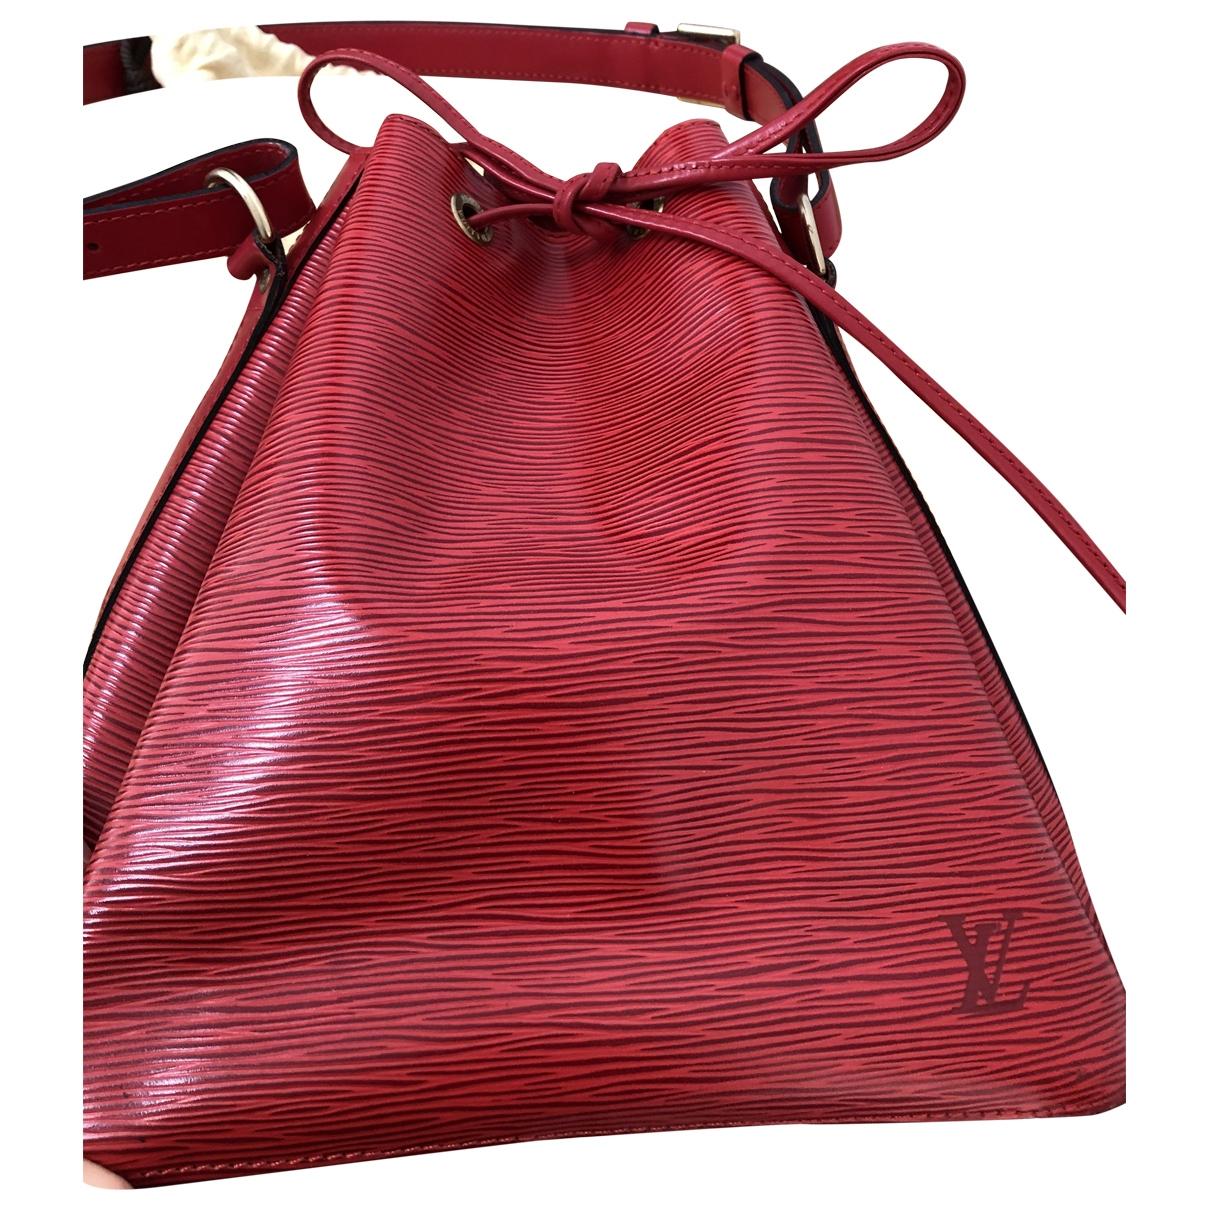 Louis Vuitton Petit Noé trunk Red Leather handbag for Women \N